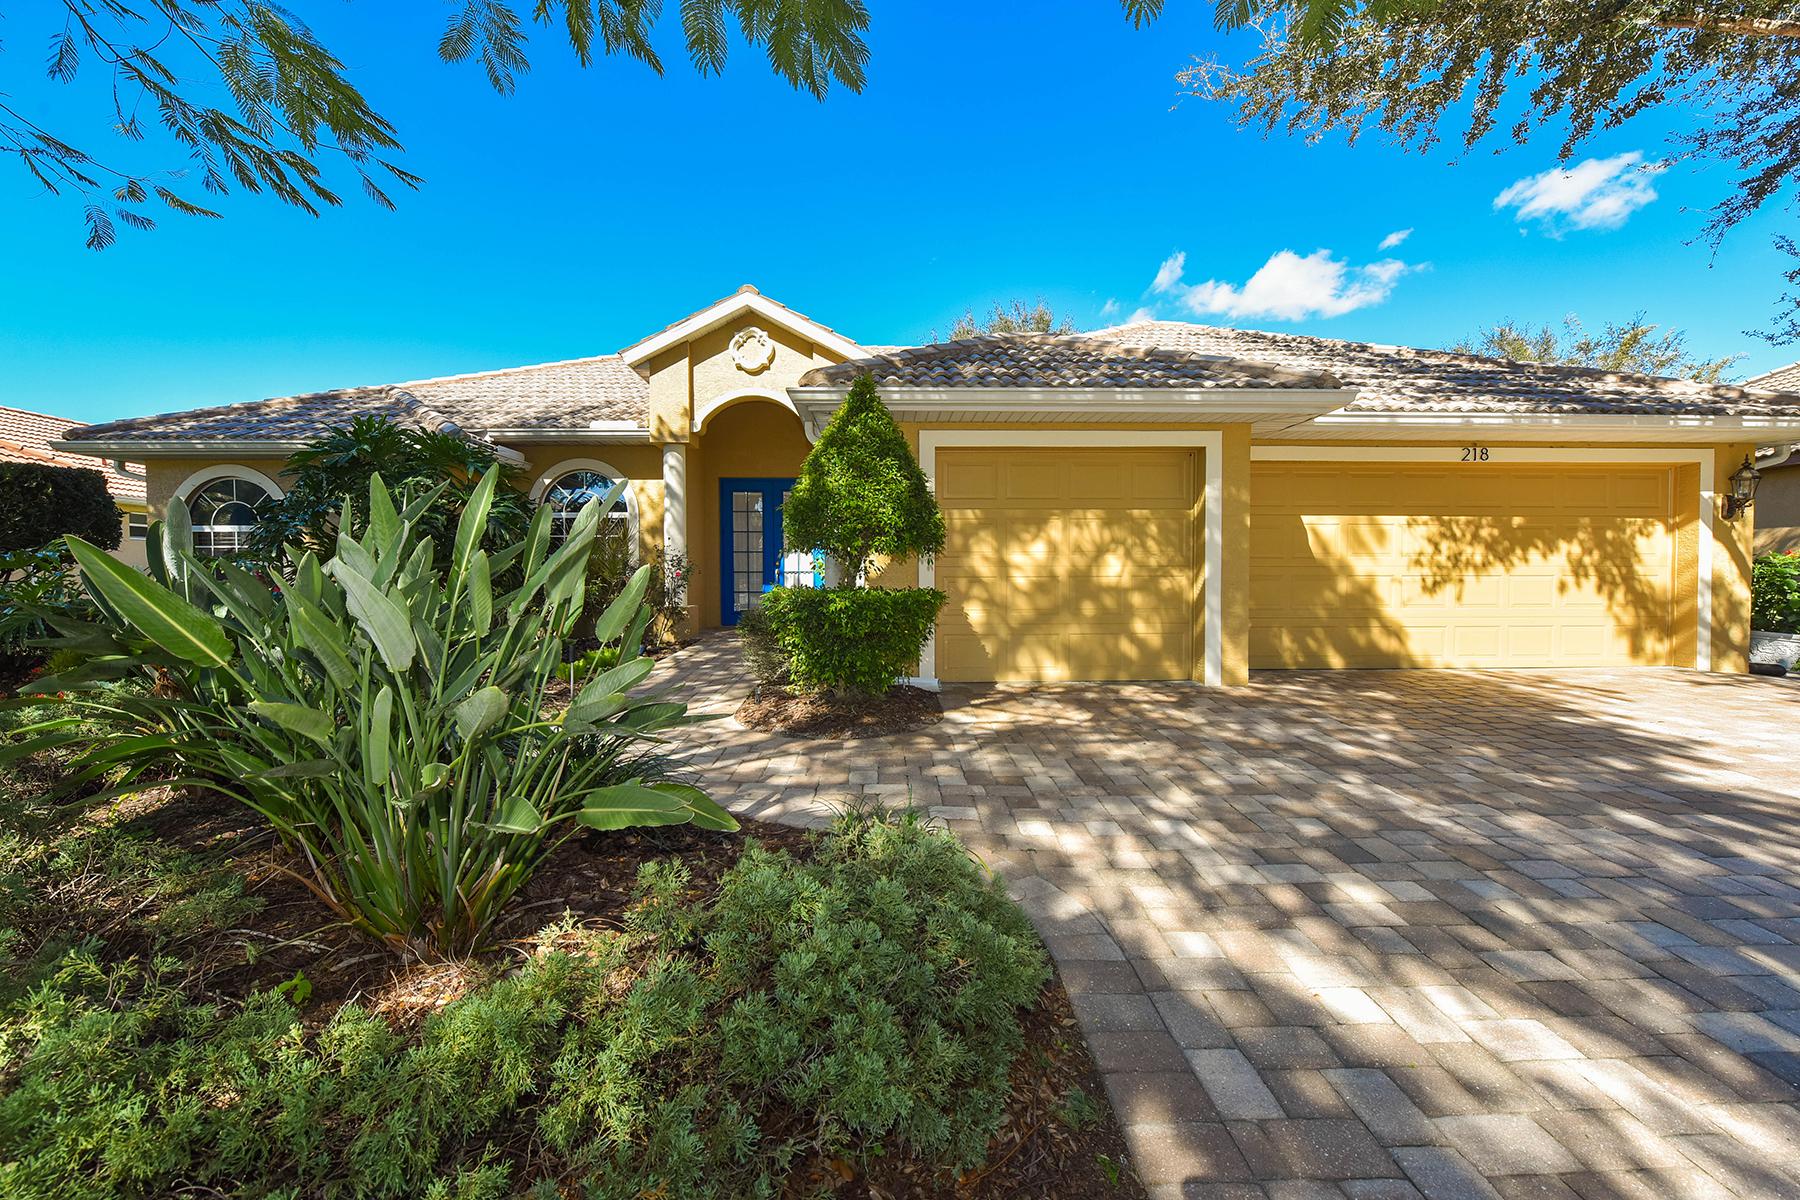 獨棟家庭住宅 為 出售 在 PARK TRACE ESTATES 218 Willow Bend Way Osprey, 佛羅里達州, 34229 美國